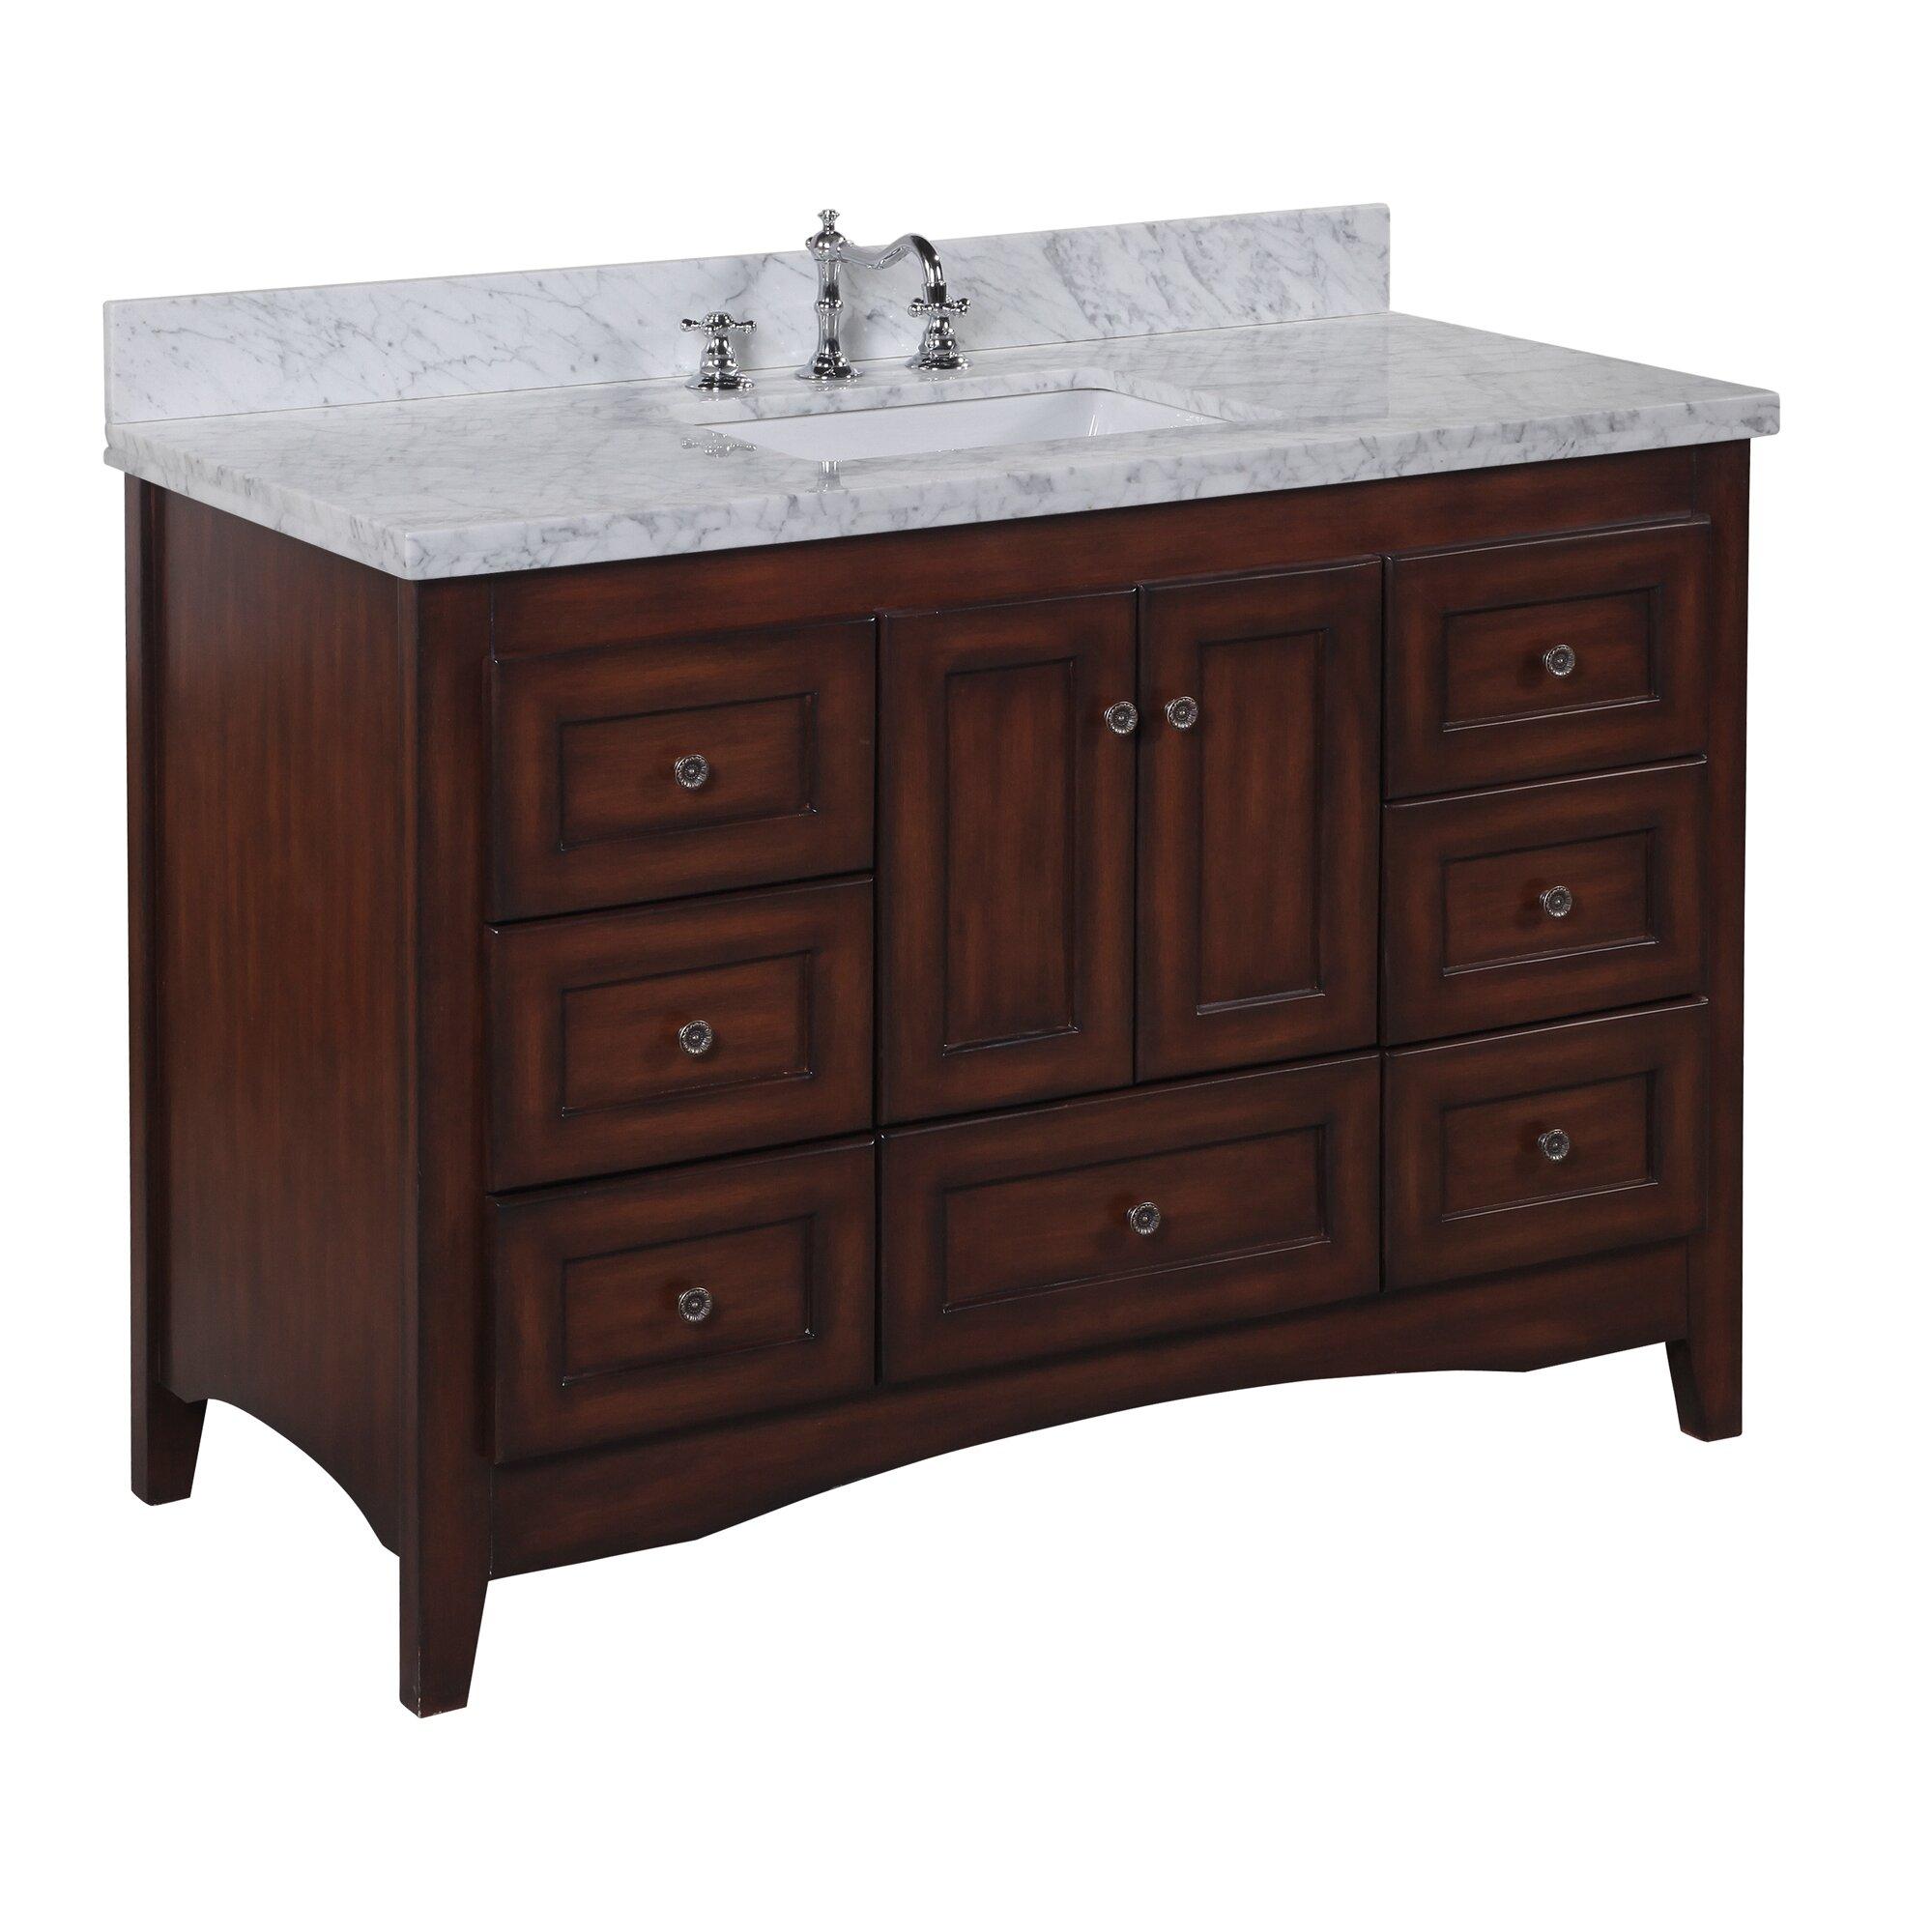 """Used Bathroom Vanity Sets For Sale: KBC Abbey 48"""" Single Bathroom Vanity Set & Reviews"""